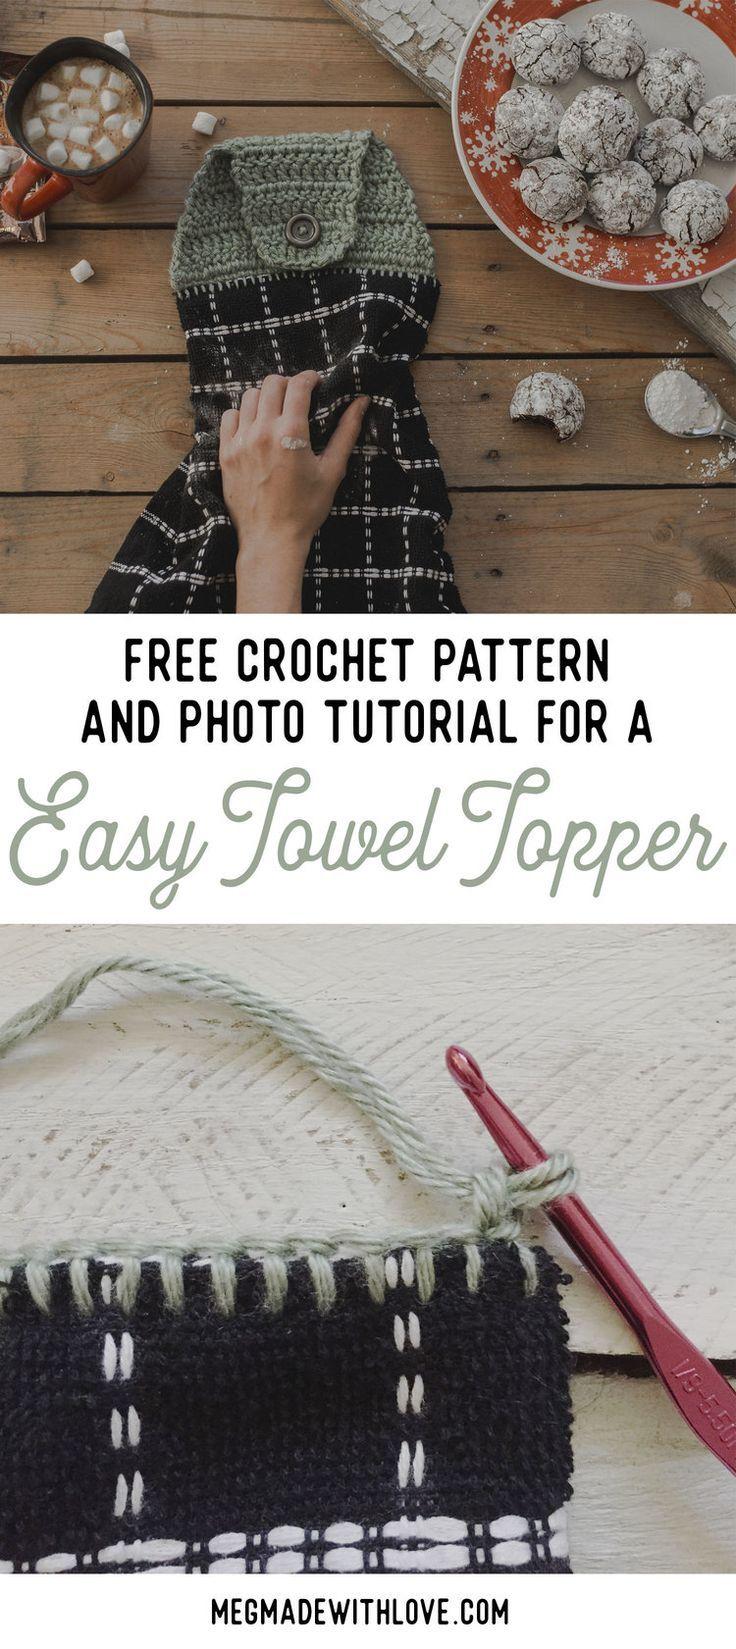 Contemporáneo Topper Patrones De Arranque De Crochet Libre Fotos ...